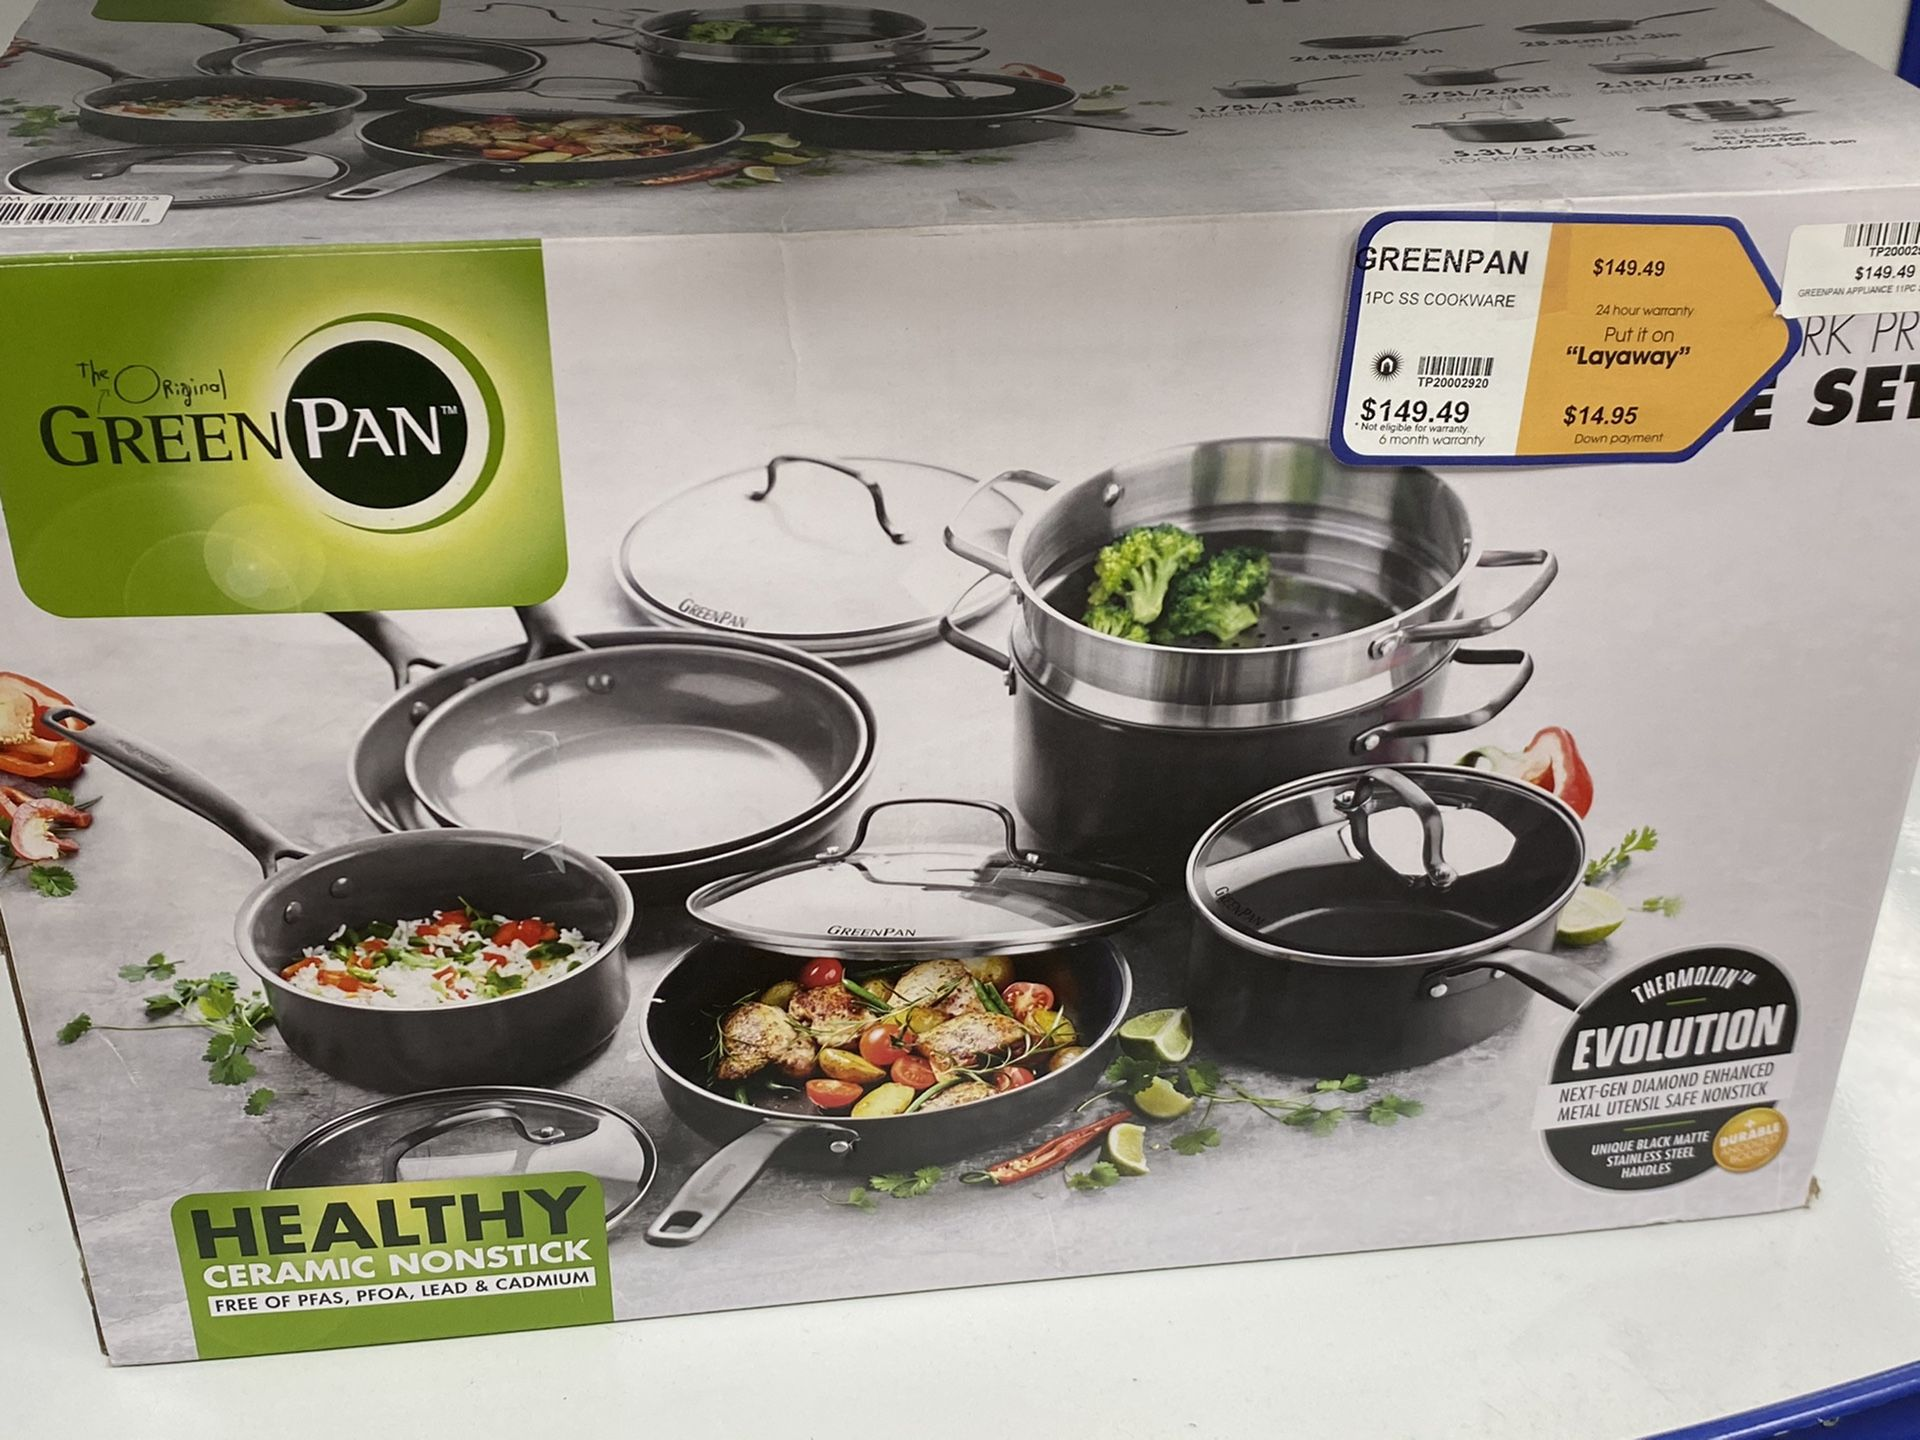 The original Green pan New York pro 11piece set